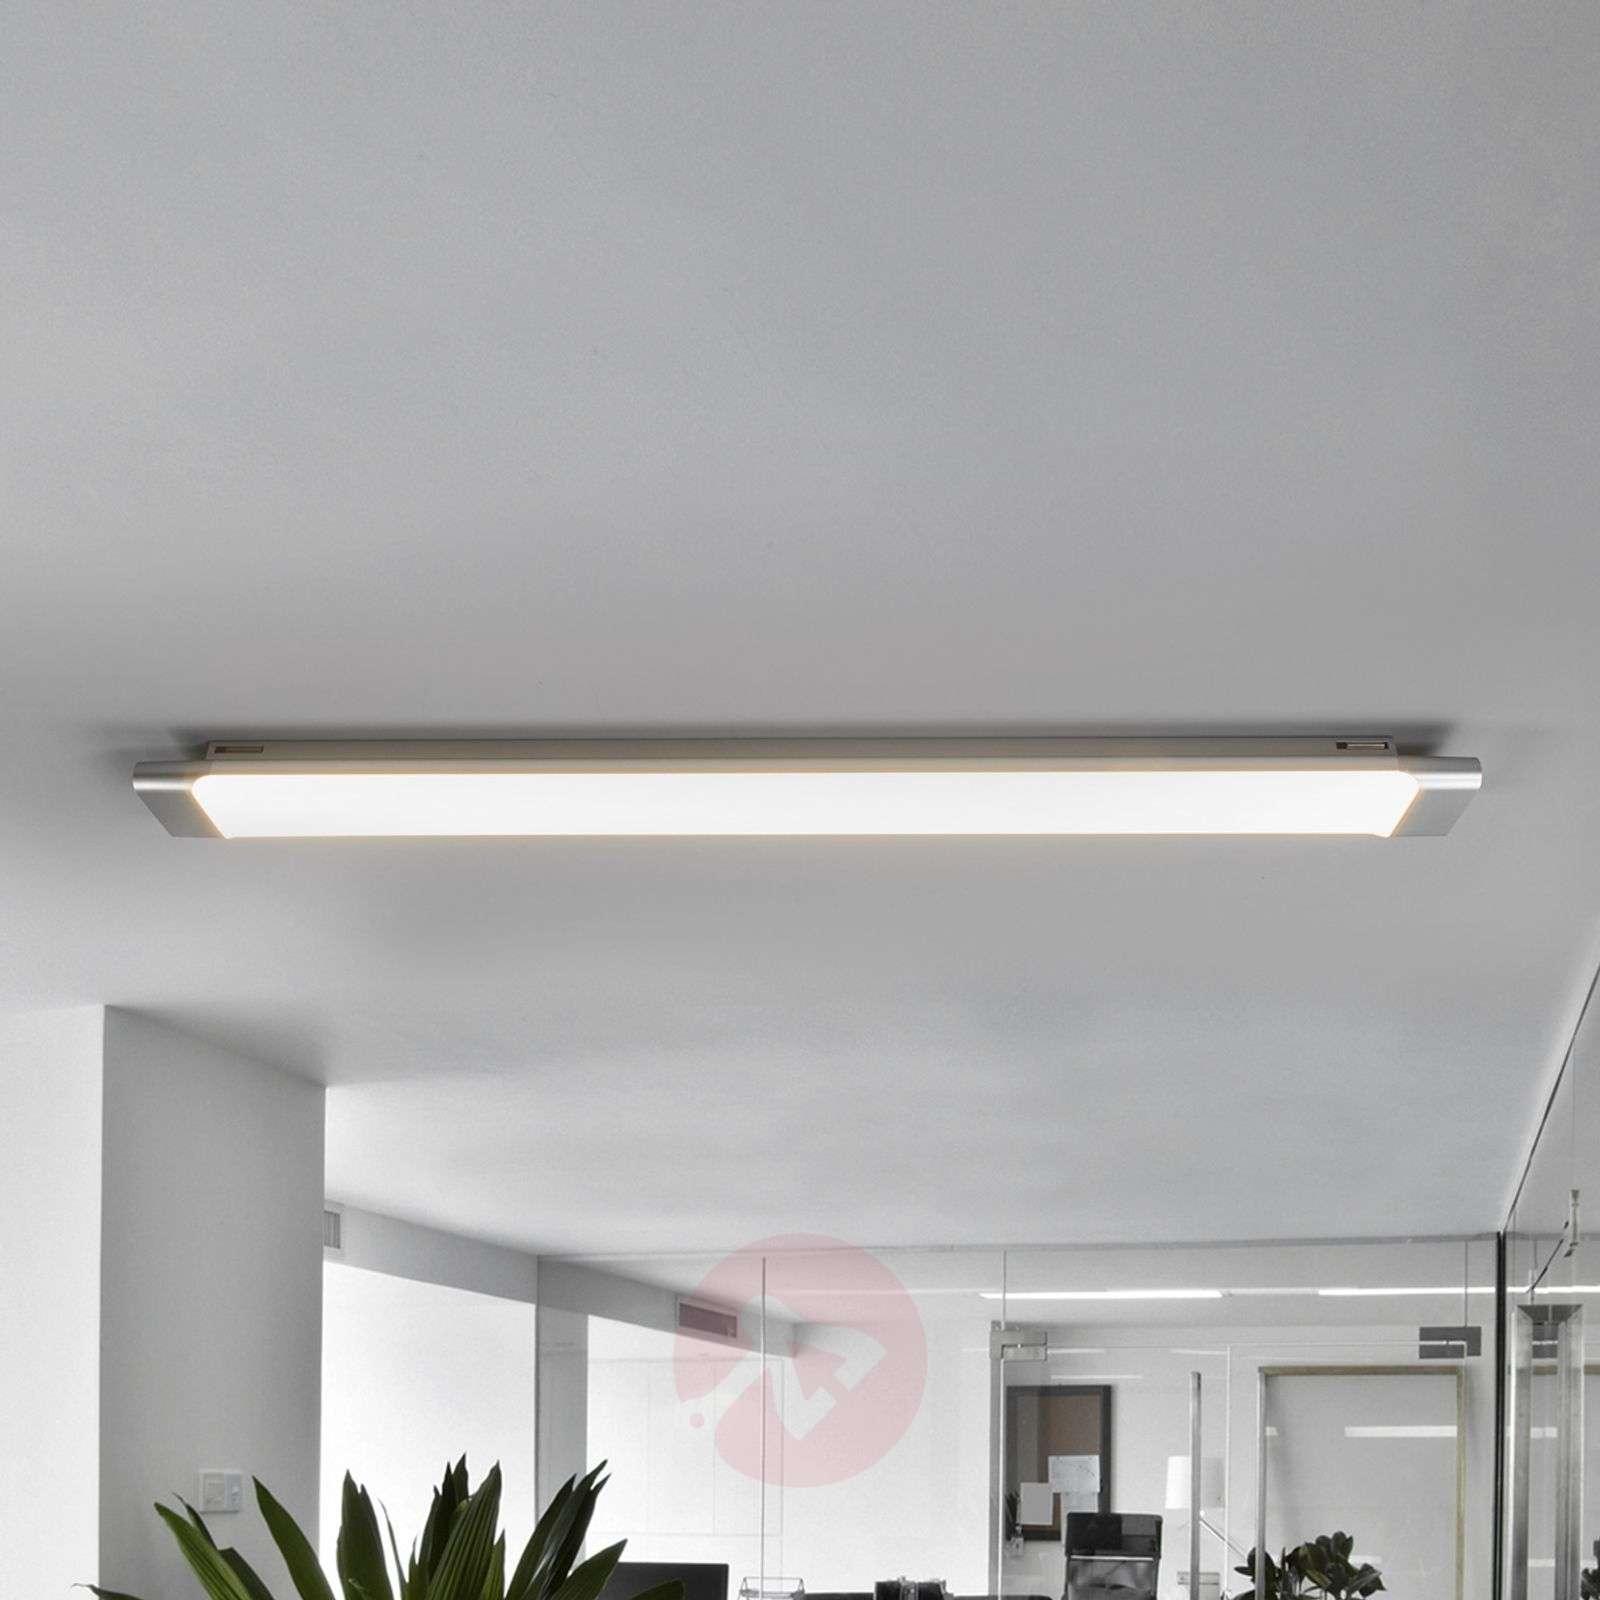 Plafoniere Led Per Garage : Practical led ceiling light vinca cm lights ie